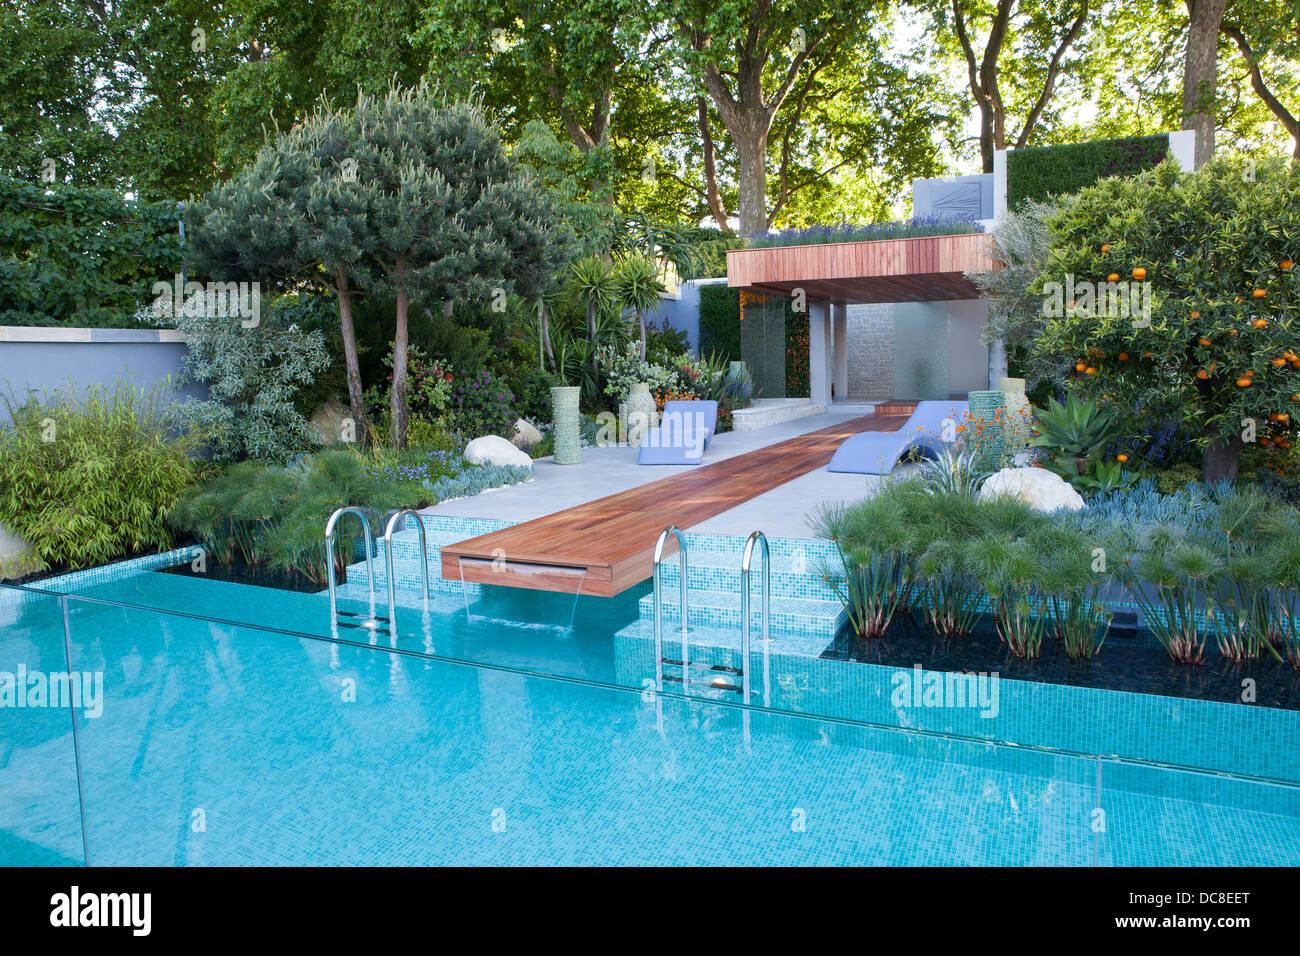 Fauteuils Modernes A Cote D Une Piscine Dans Un Jardin De Style